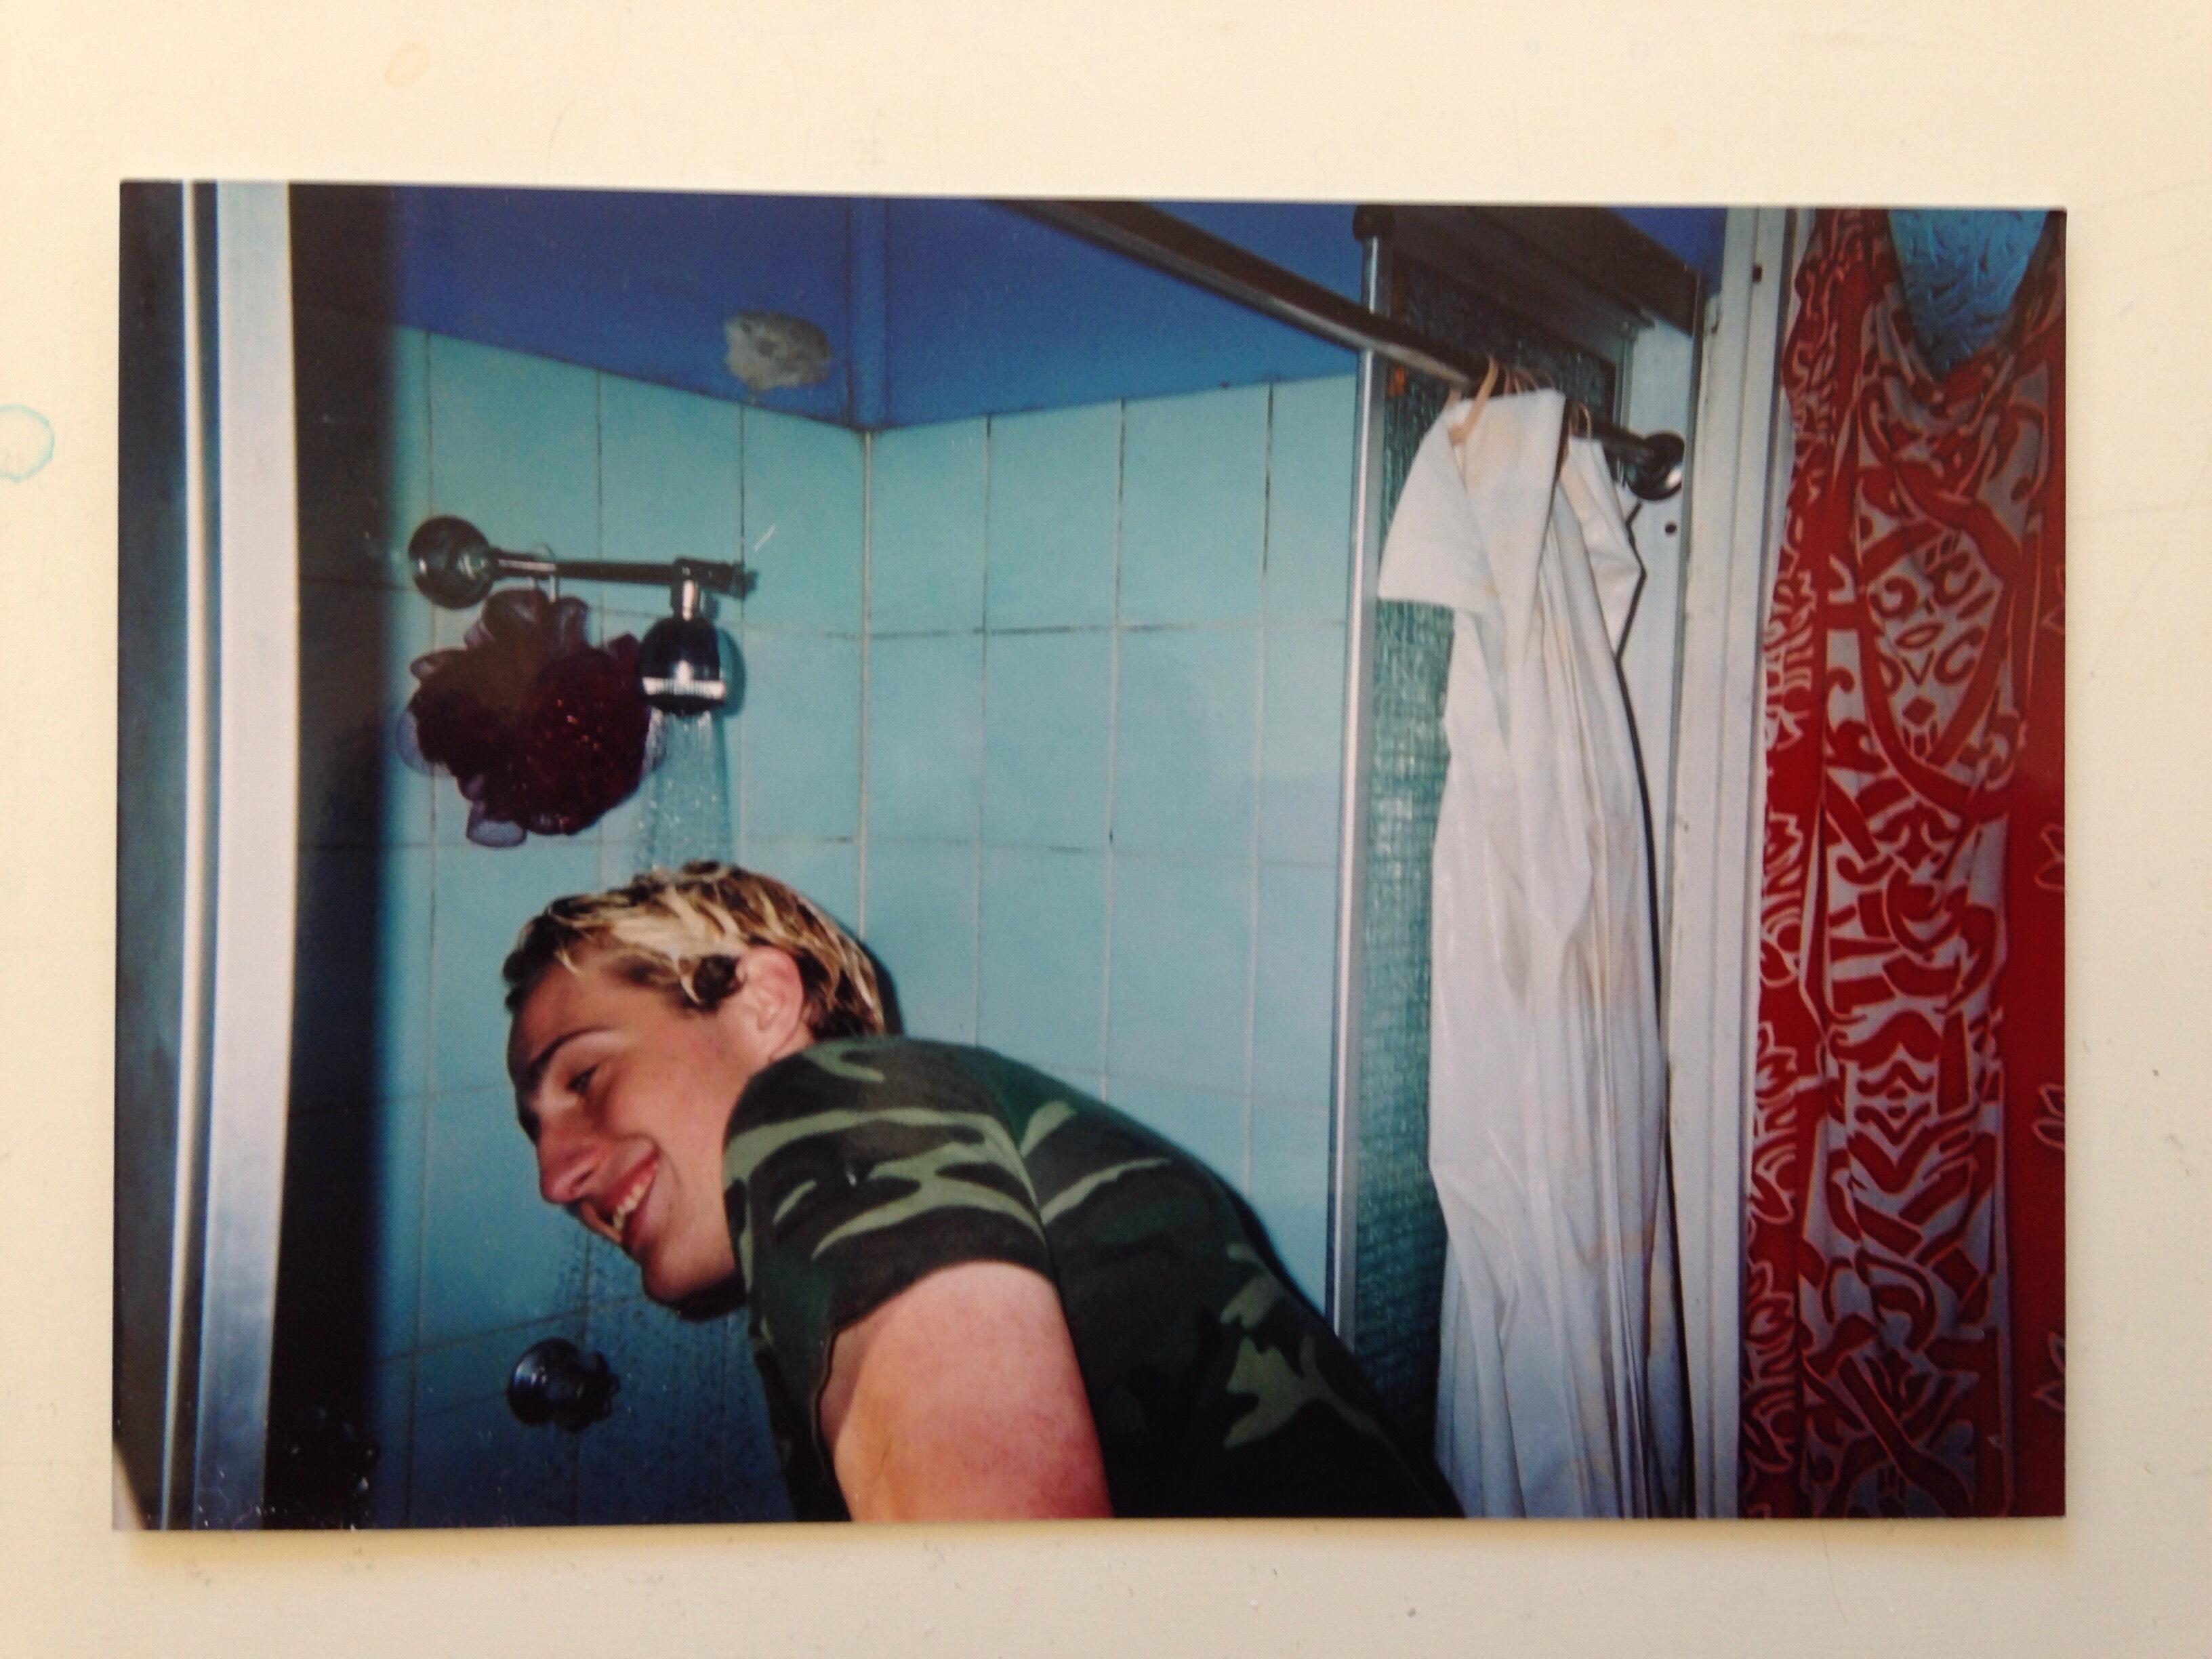 John-Gascoigne-shower-curtain-bleach-hair-blue-tiles